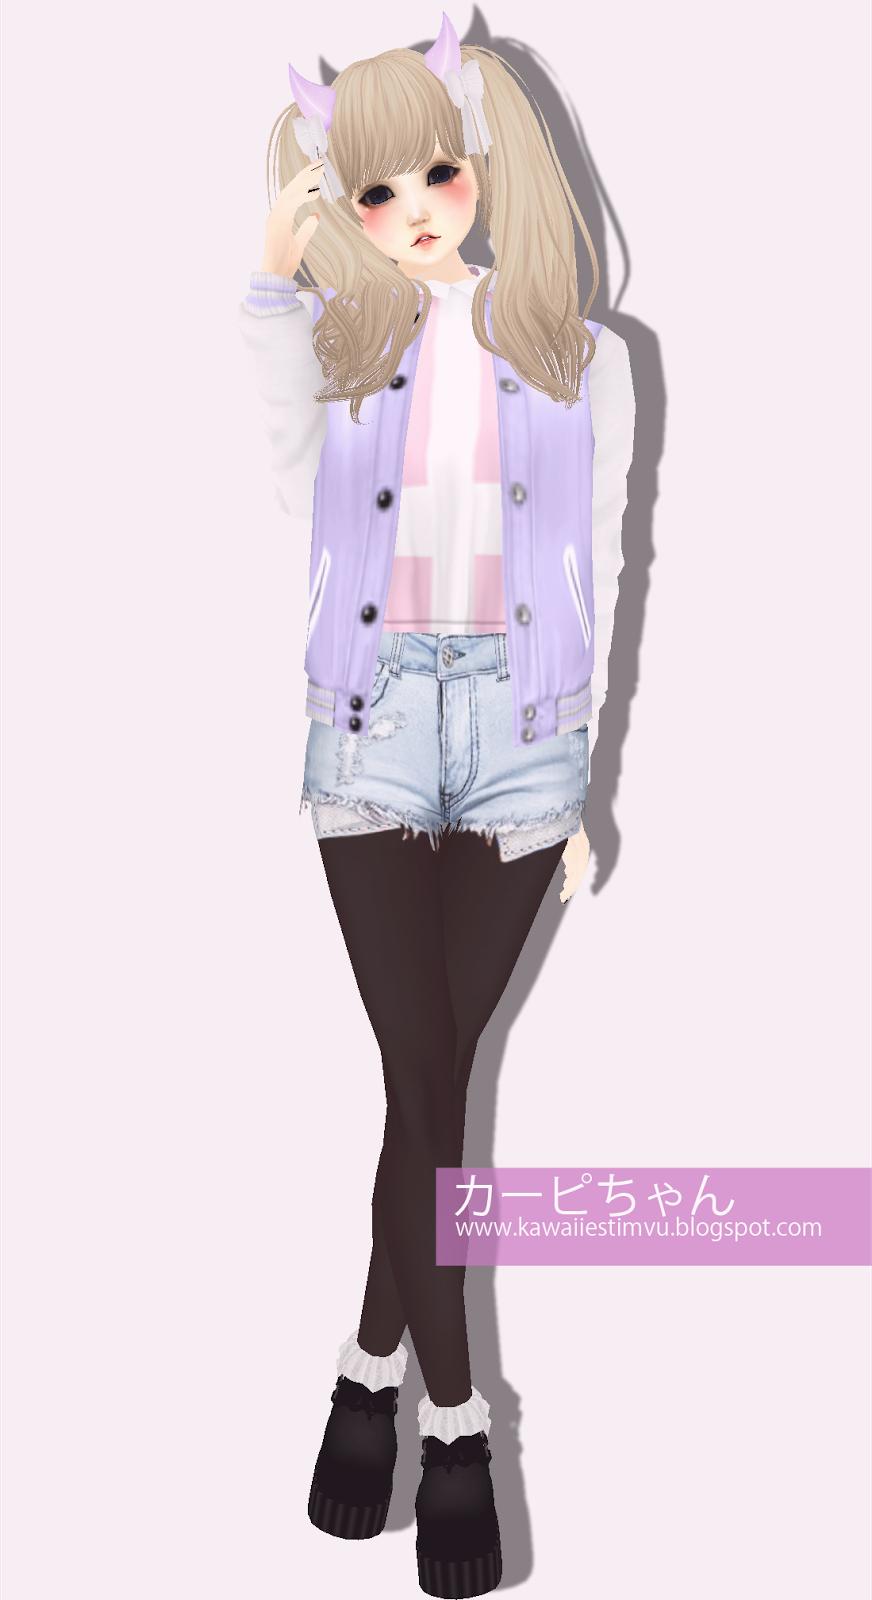 IMVU Kawaii Pastel Outfit #1 ~ Kawaiiest of IMVU